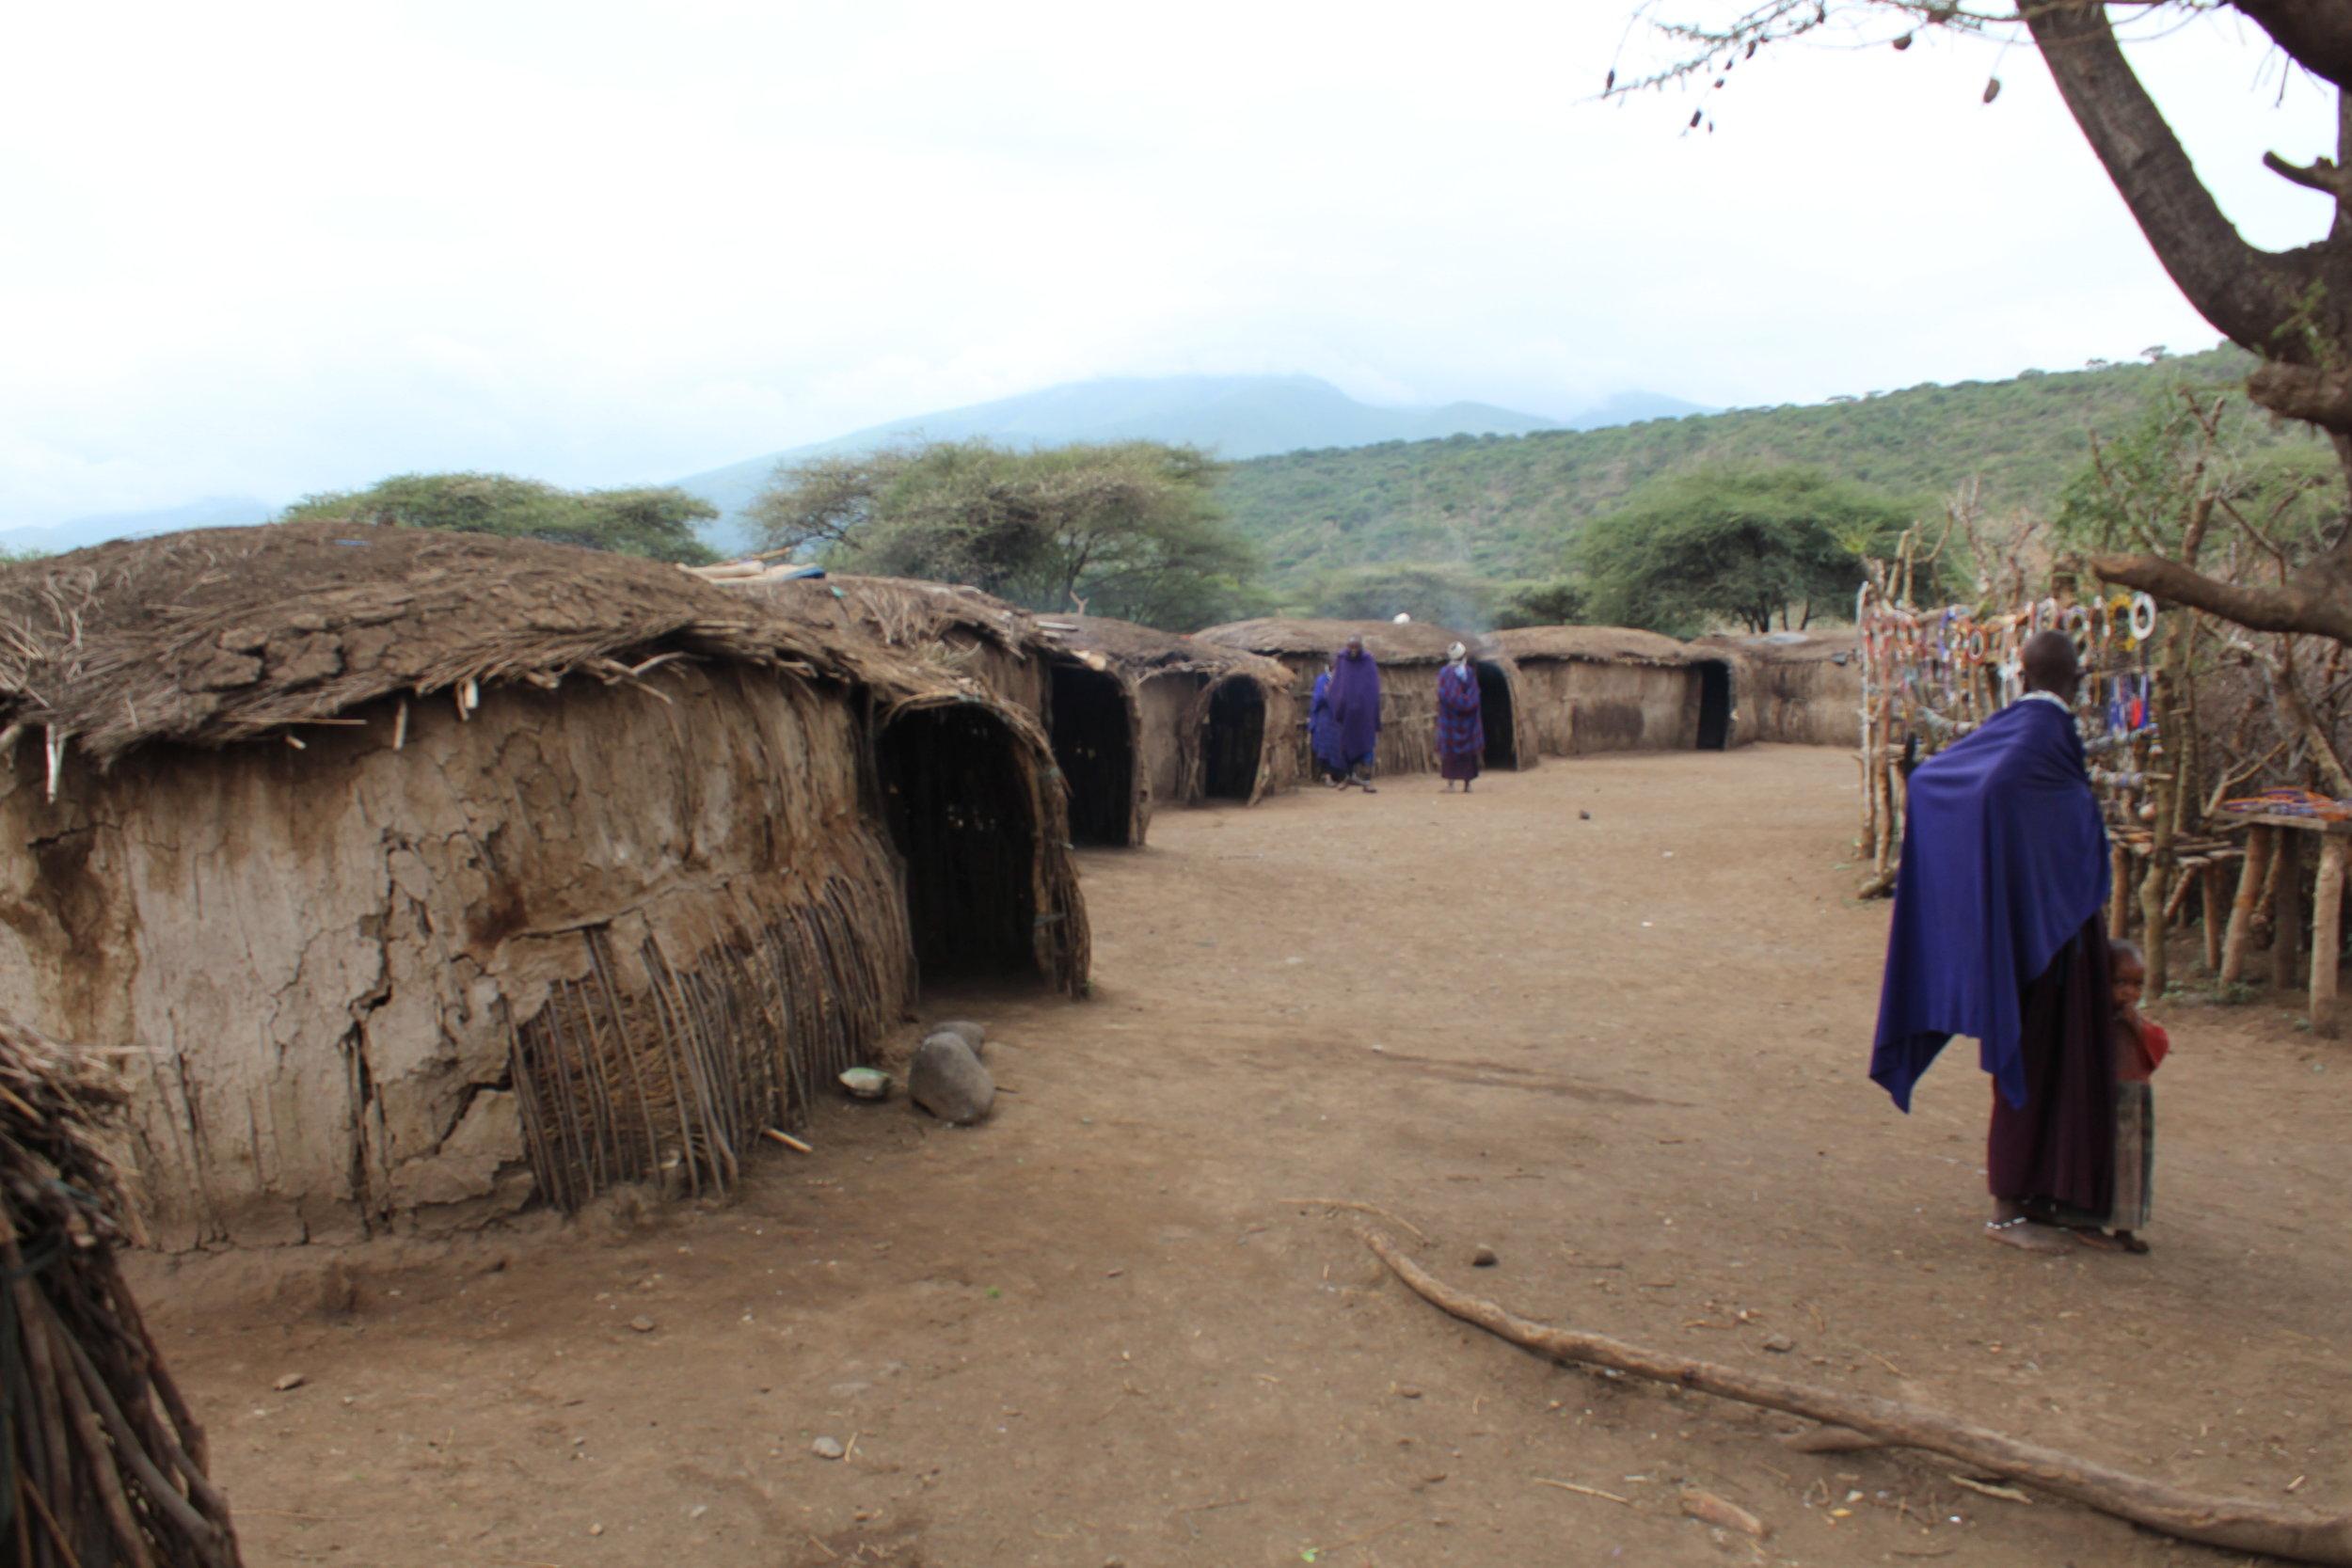 Massai village huts